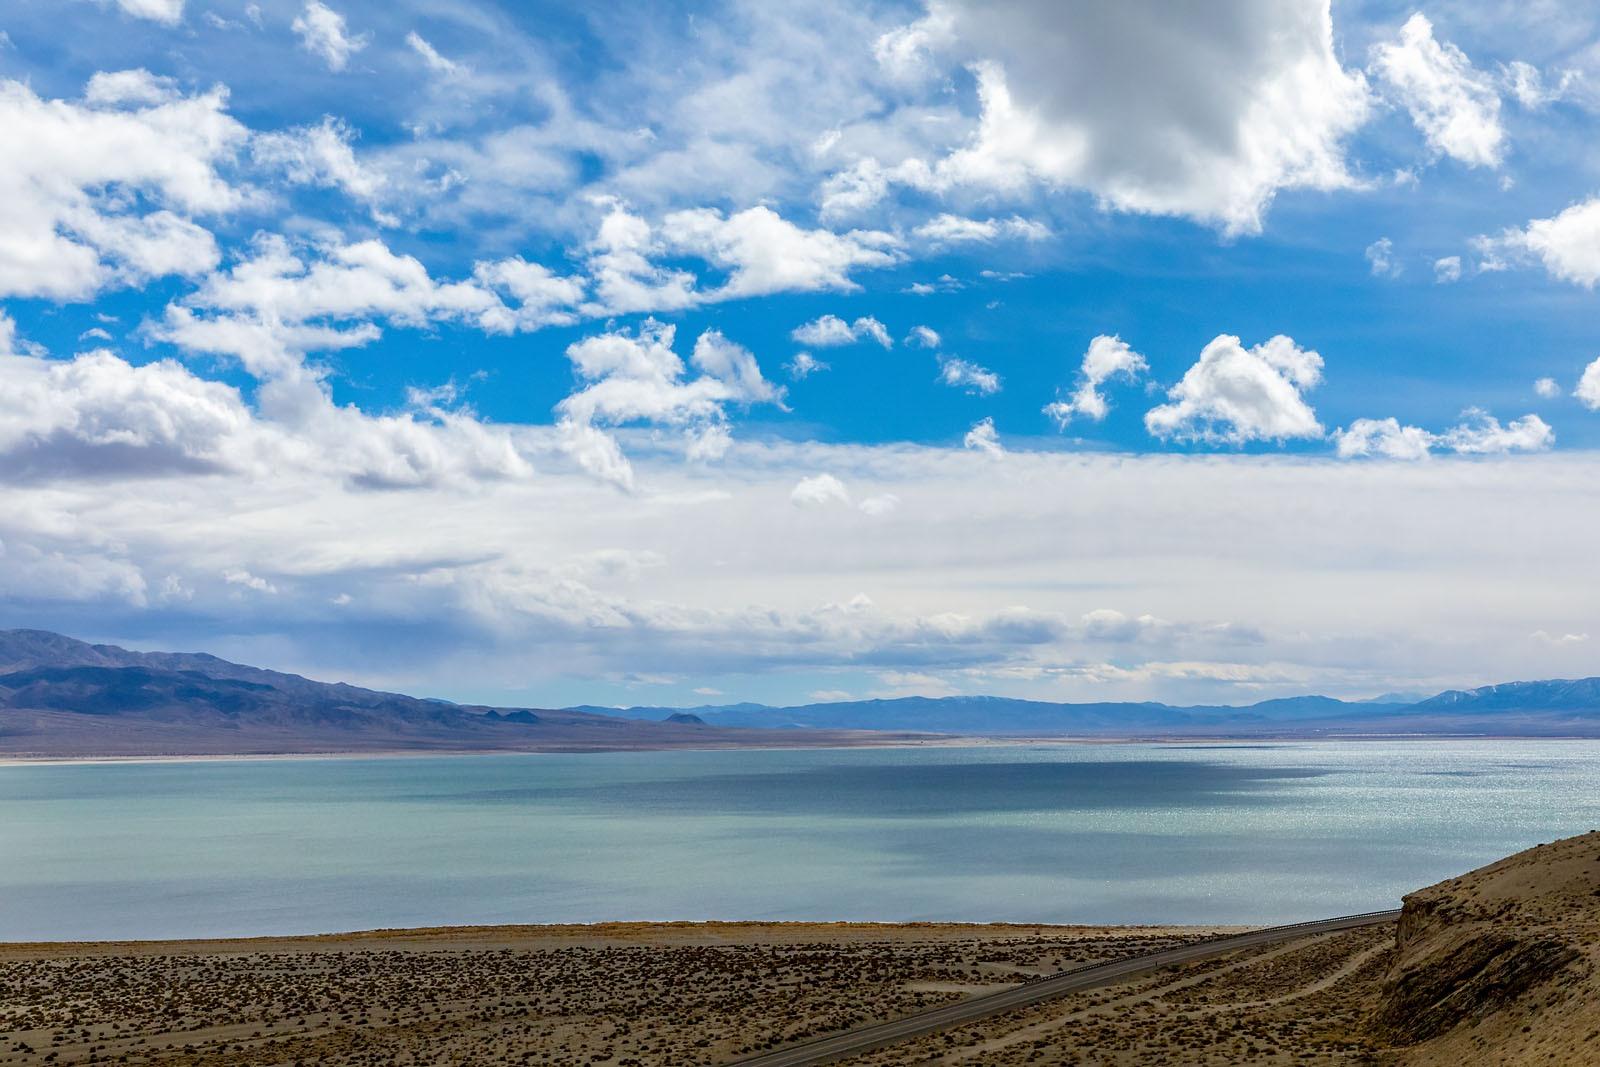 Nevada Scenic Landscape Vista IMG 0405 v2b